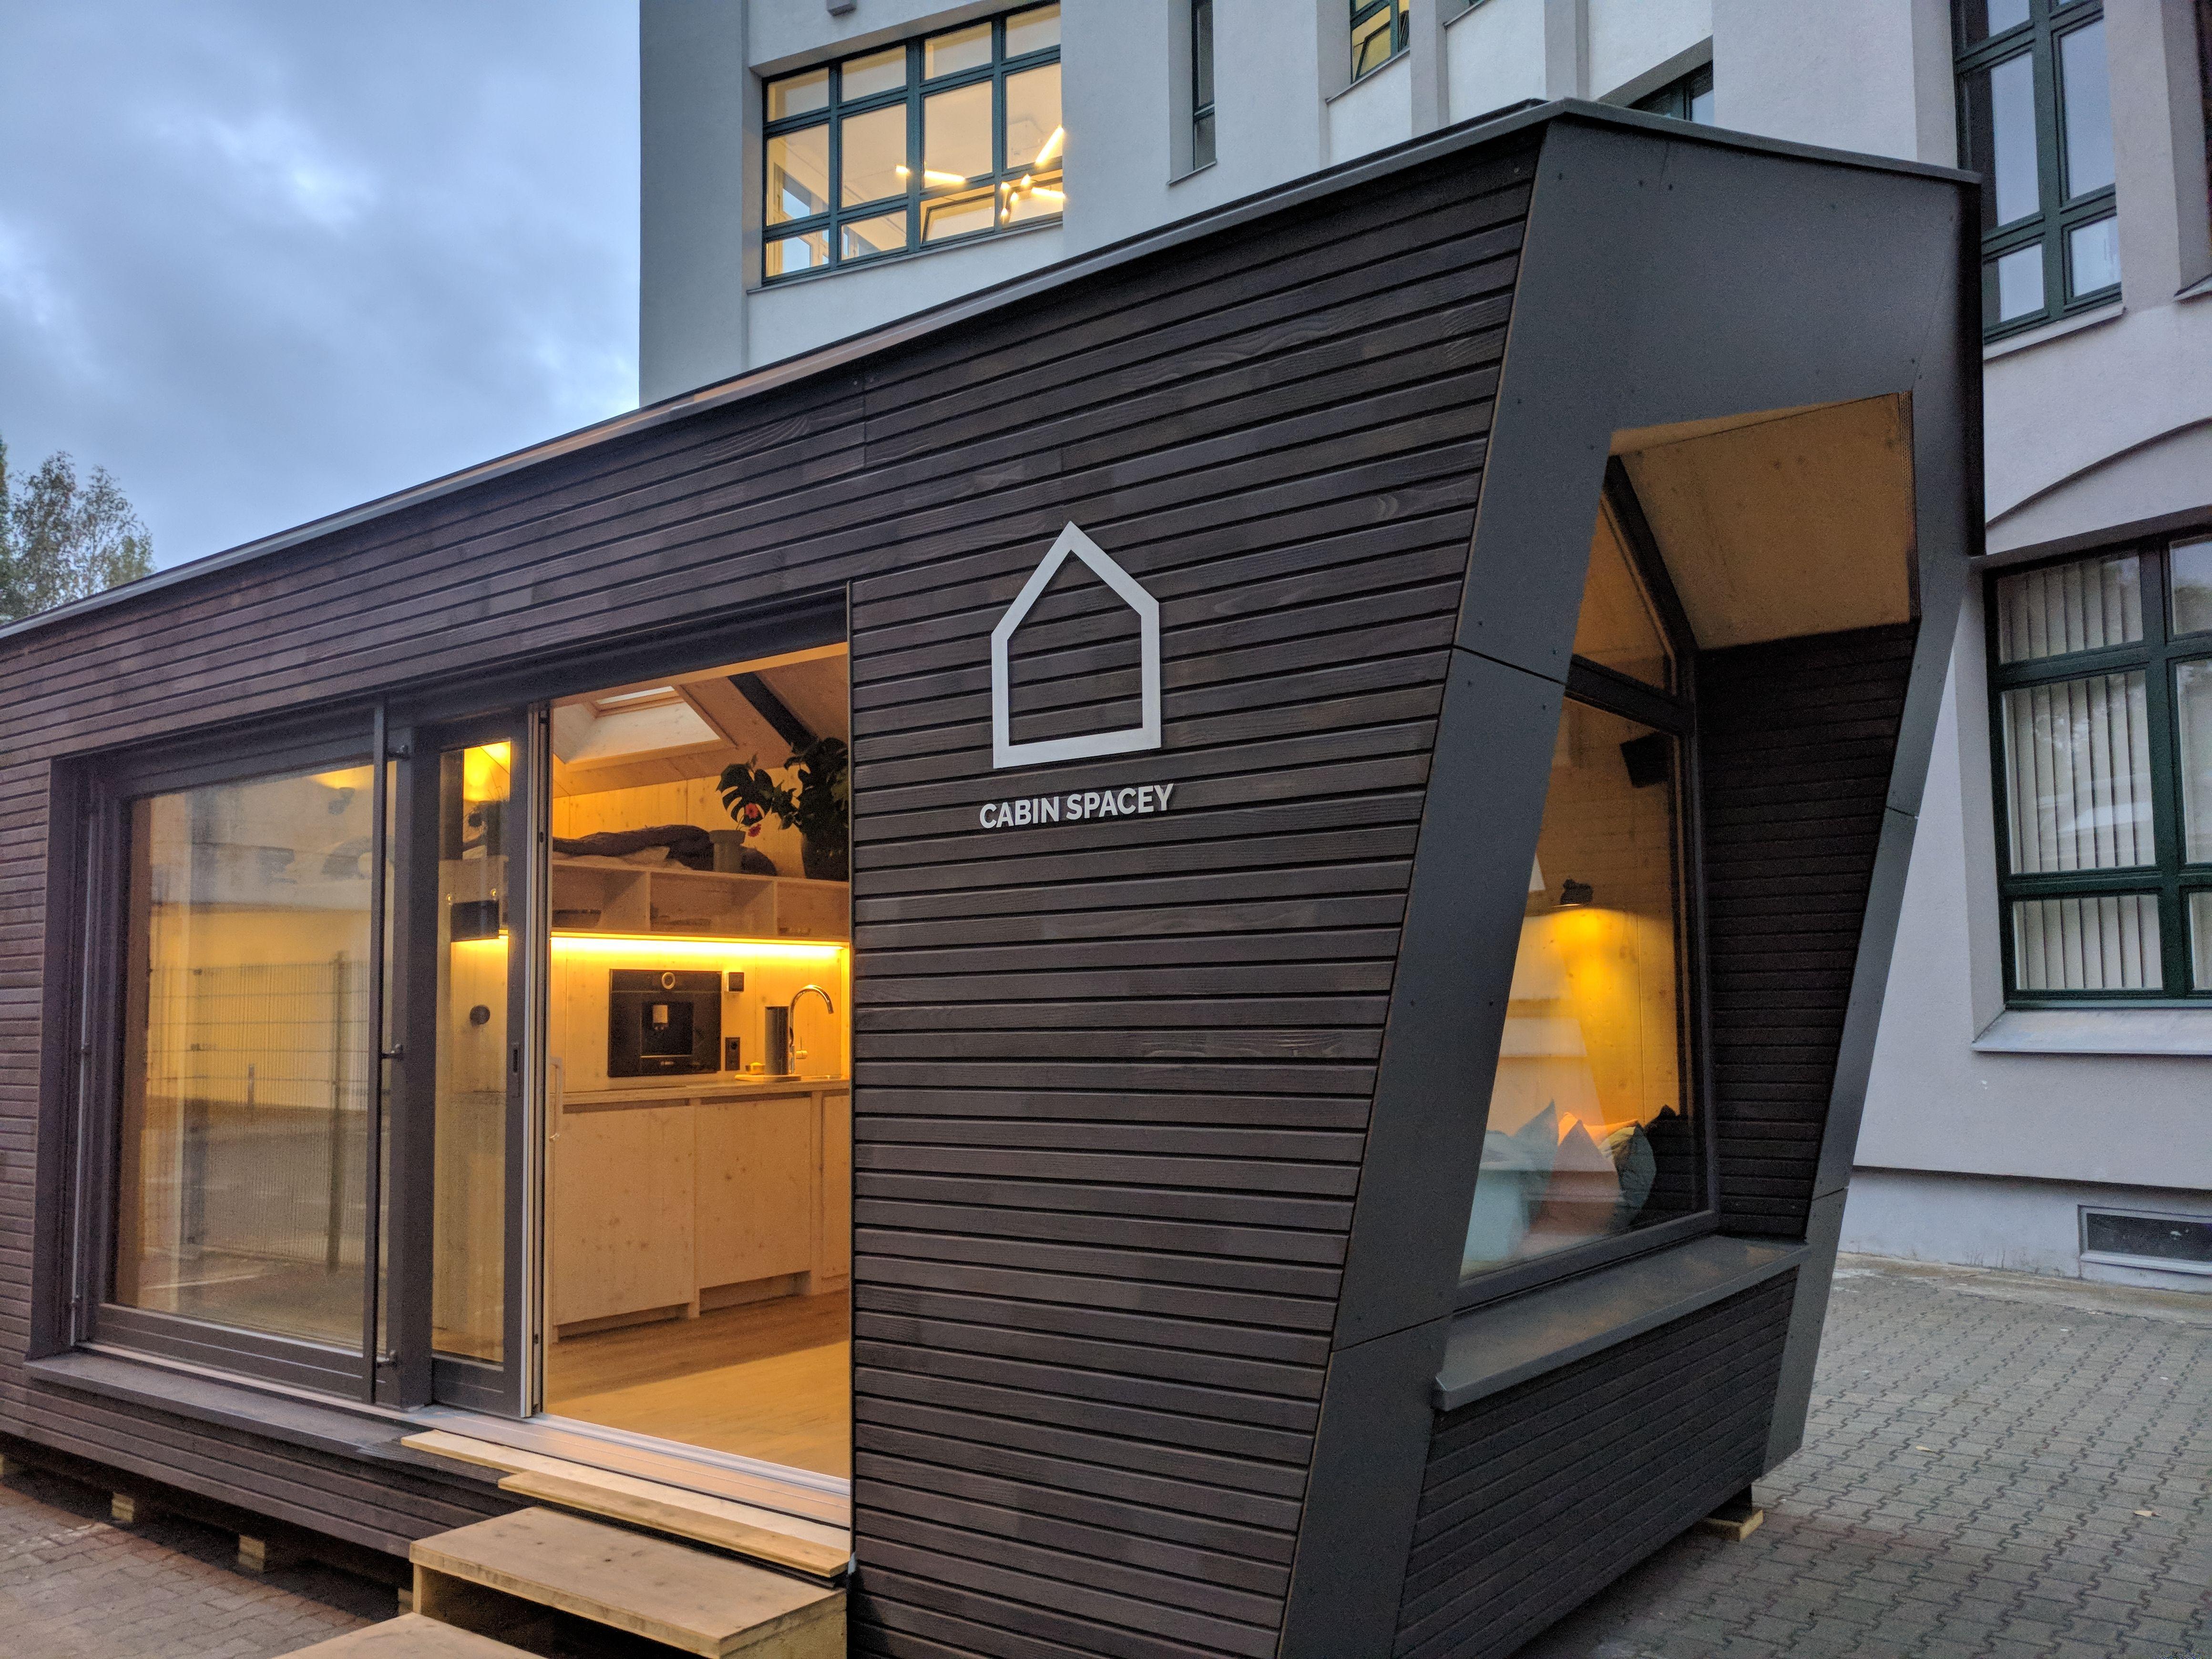 Modulhaus Cabin Spacey Wohnen Haus House